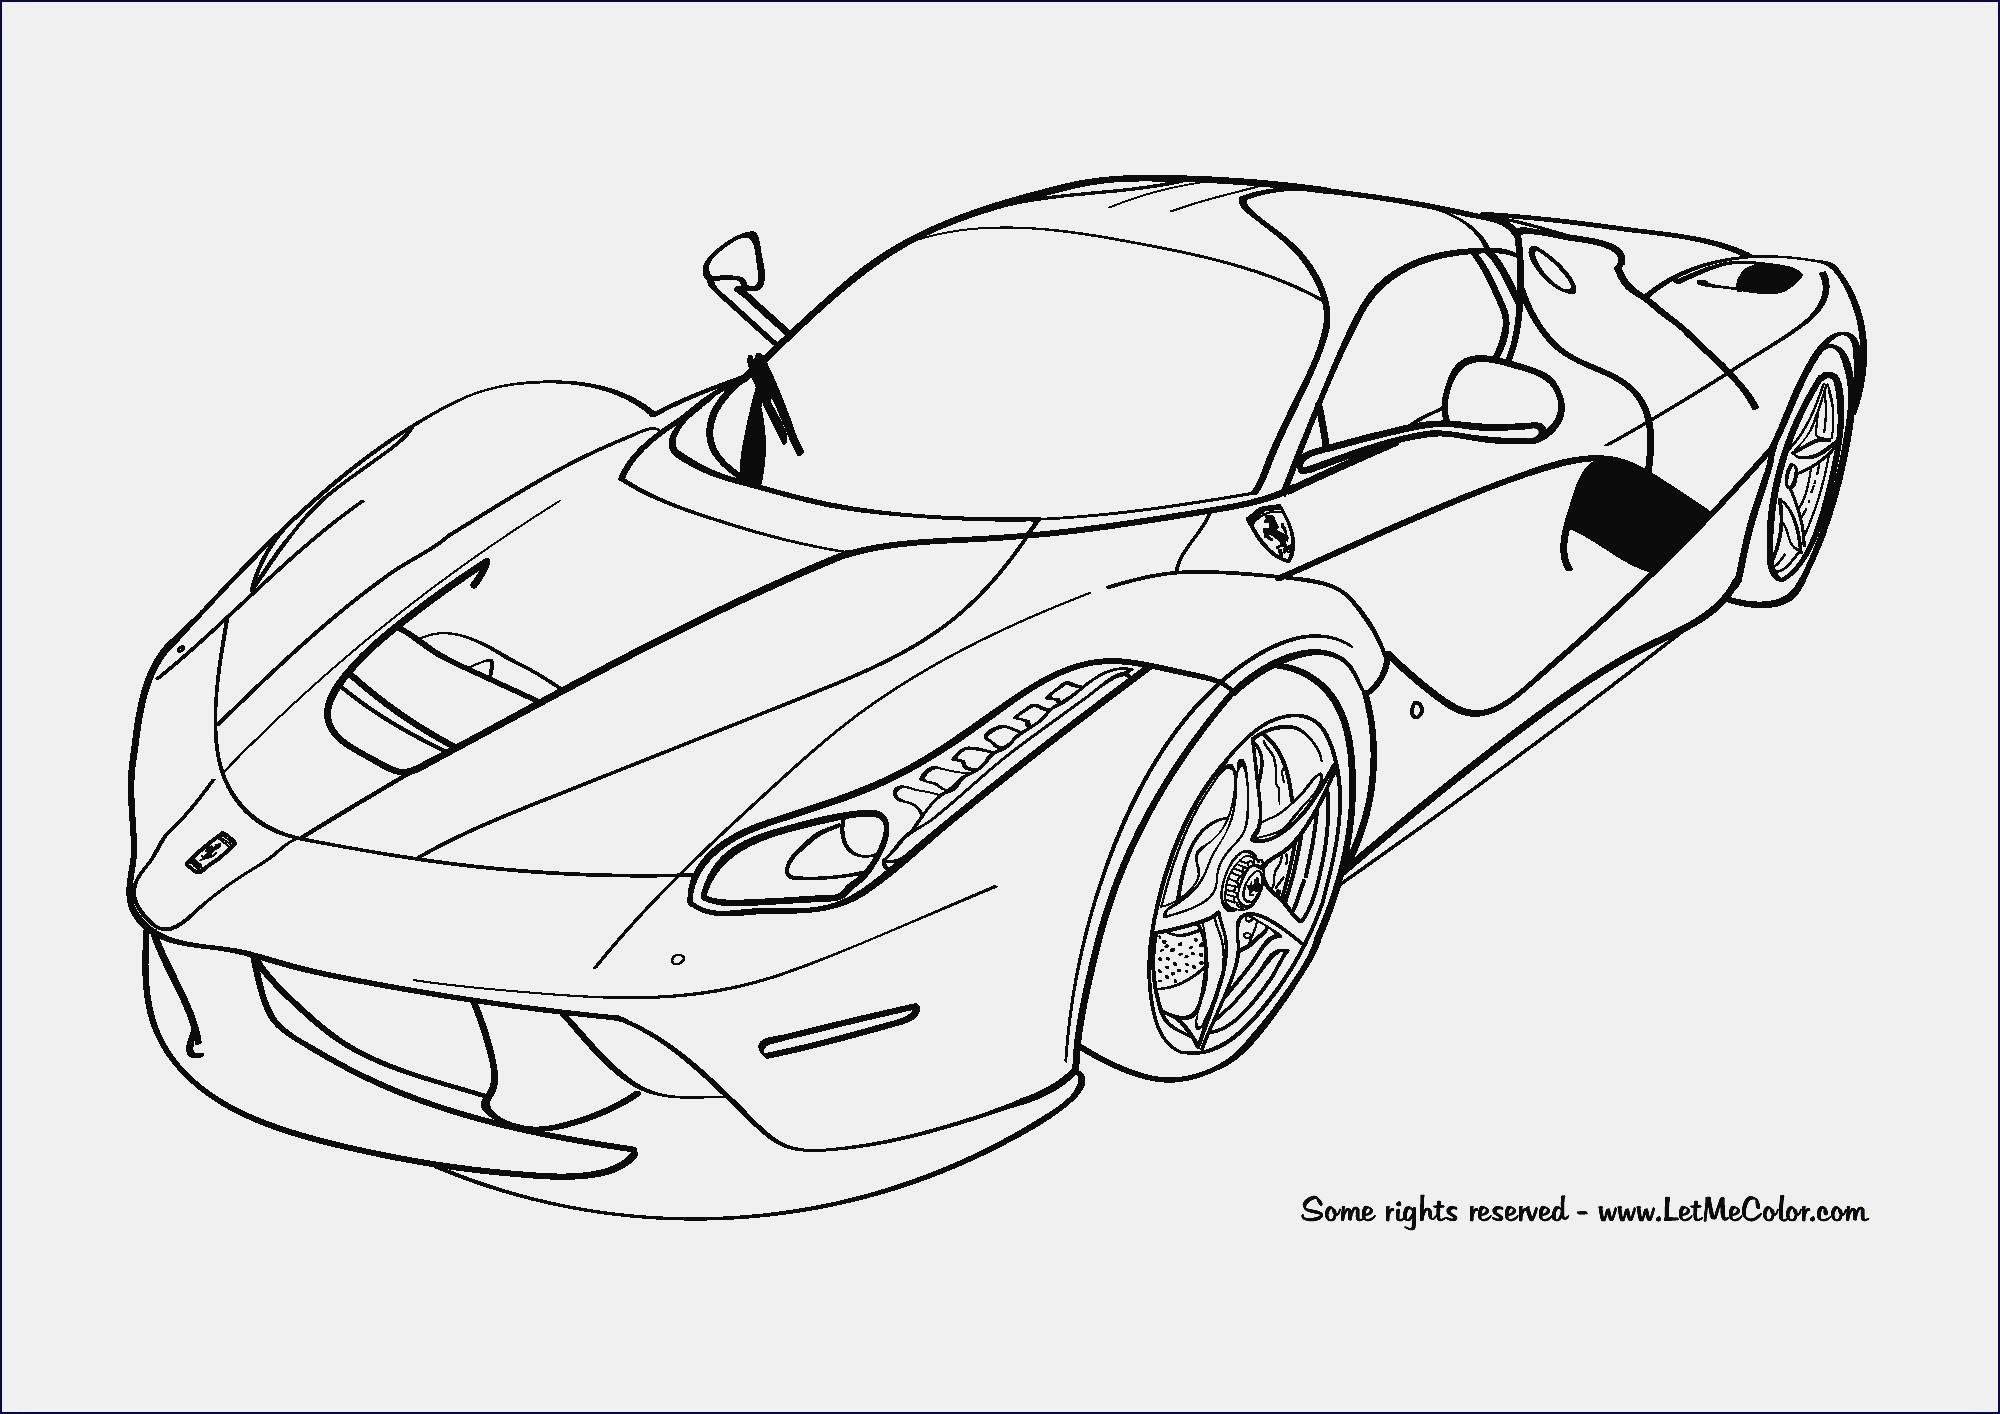 Ferrari Zum Ausmalen Genial Dinotrux Ausmalbilder Verschiedene Bilder Färben Ferrari 14s Awesome Fotos